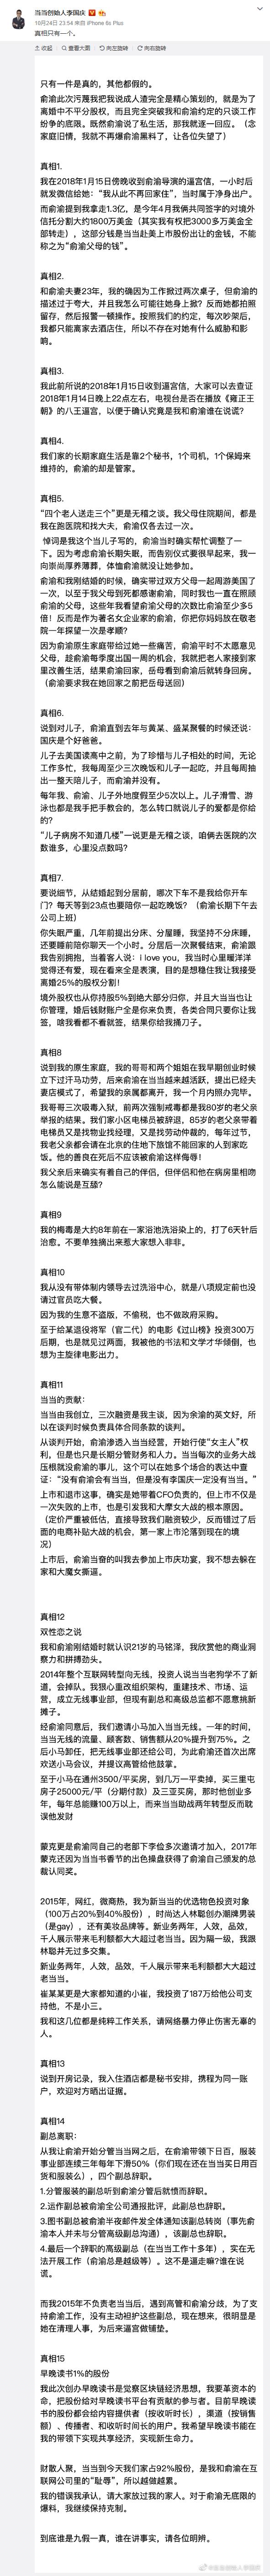 梦之城官网网址|普京提交暂停中导条约法案 俄议会6月将表决